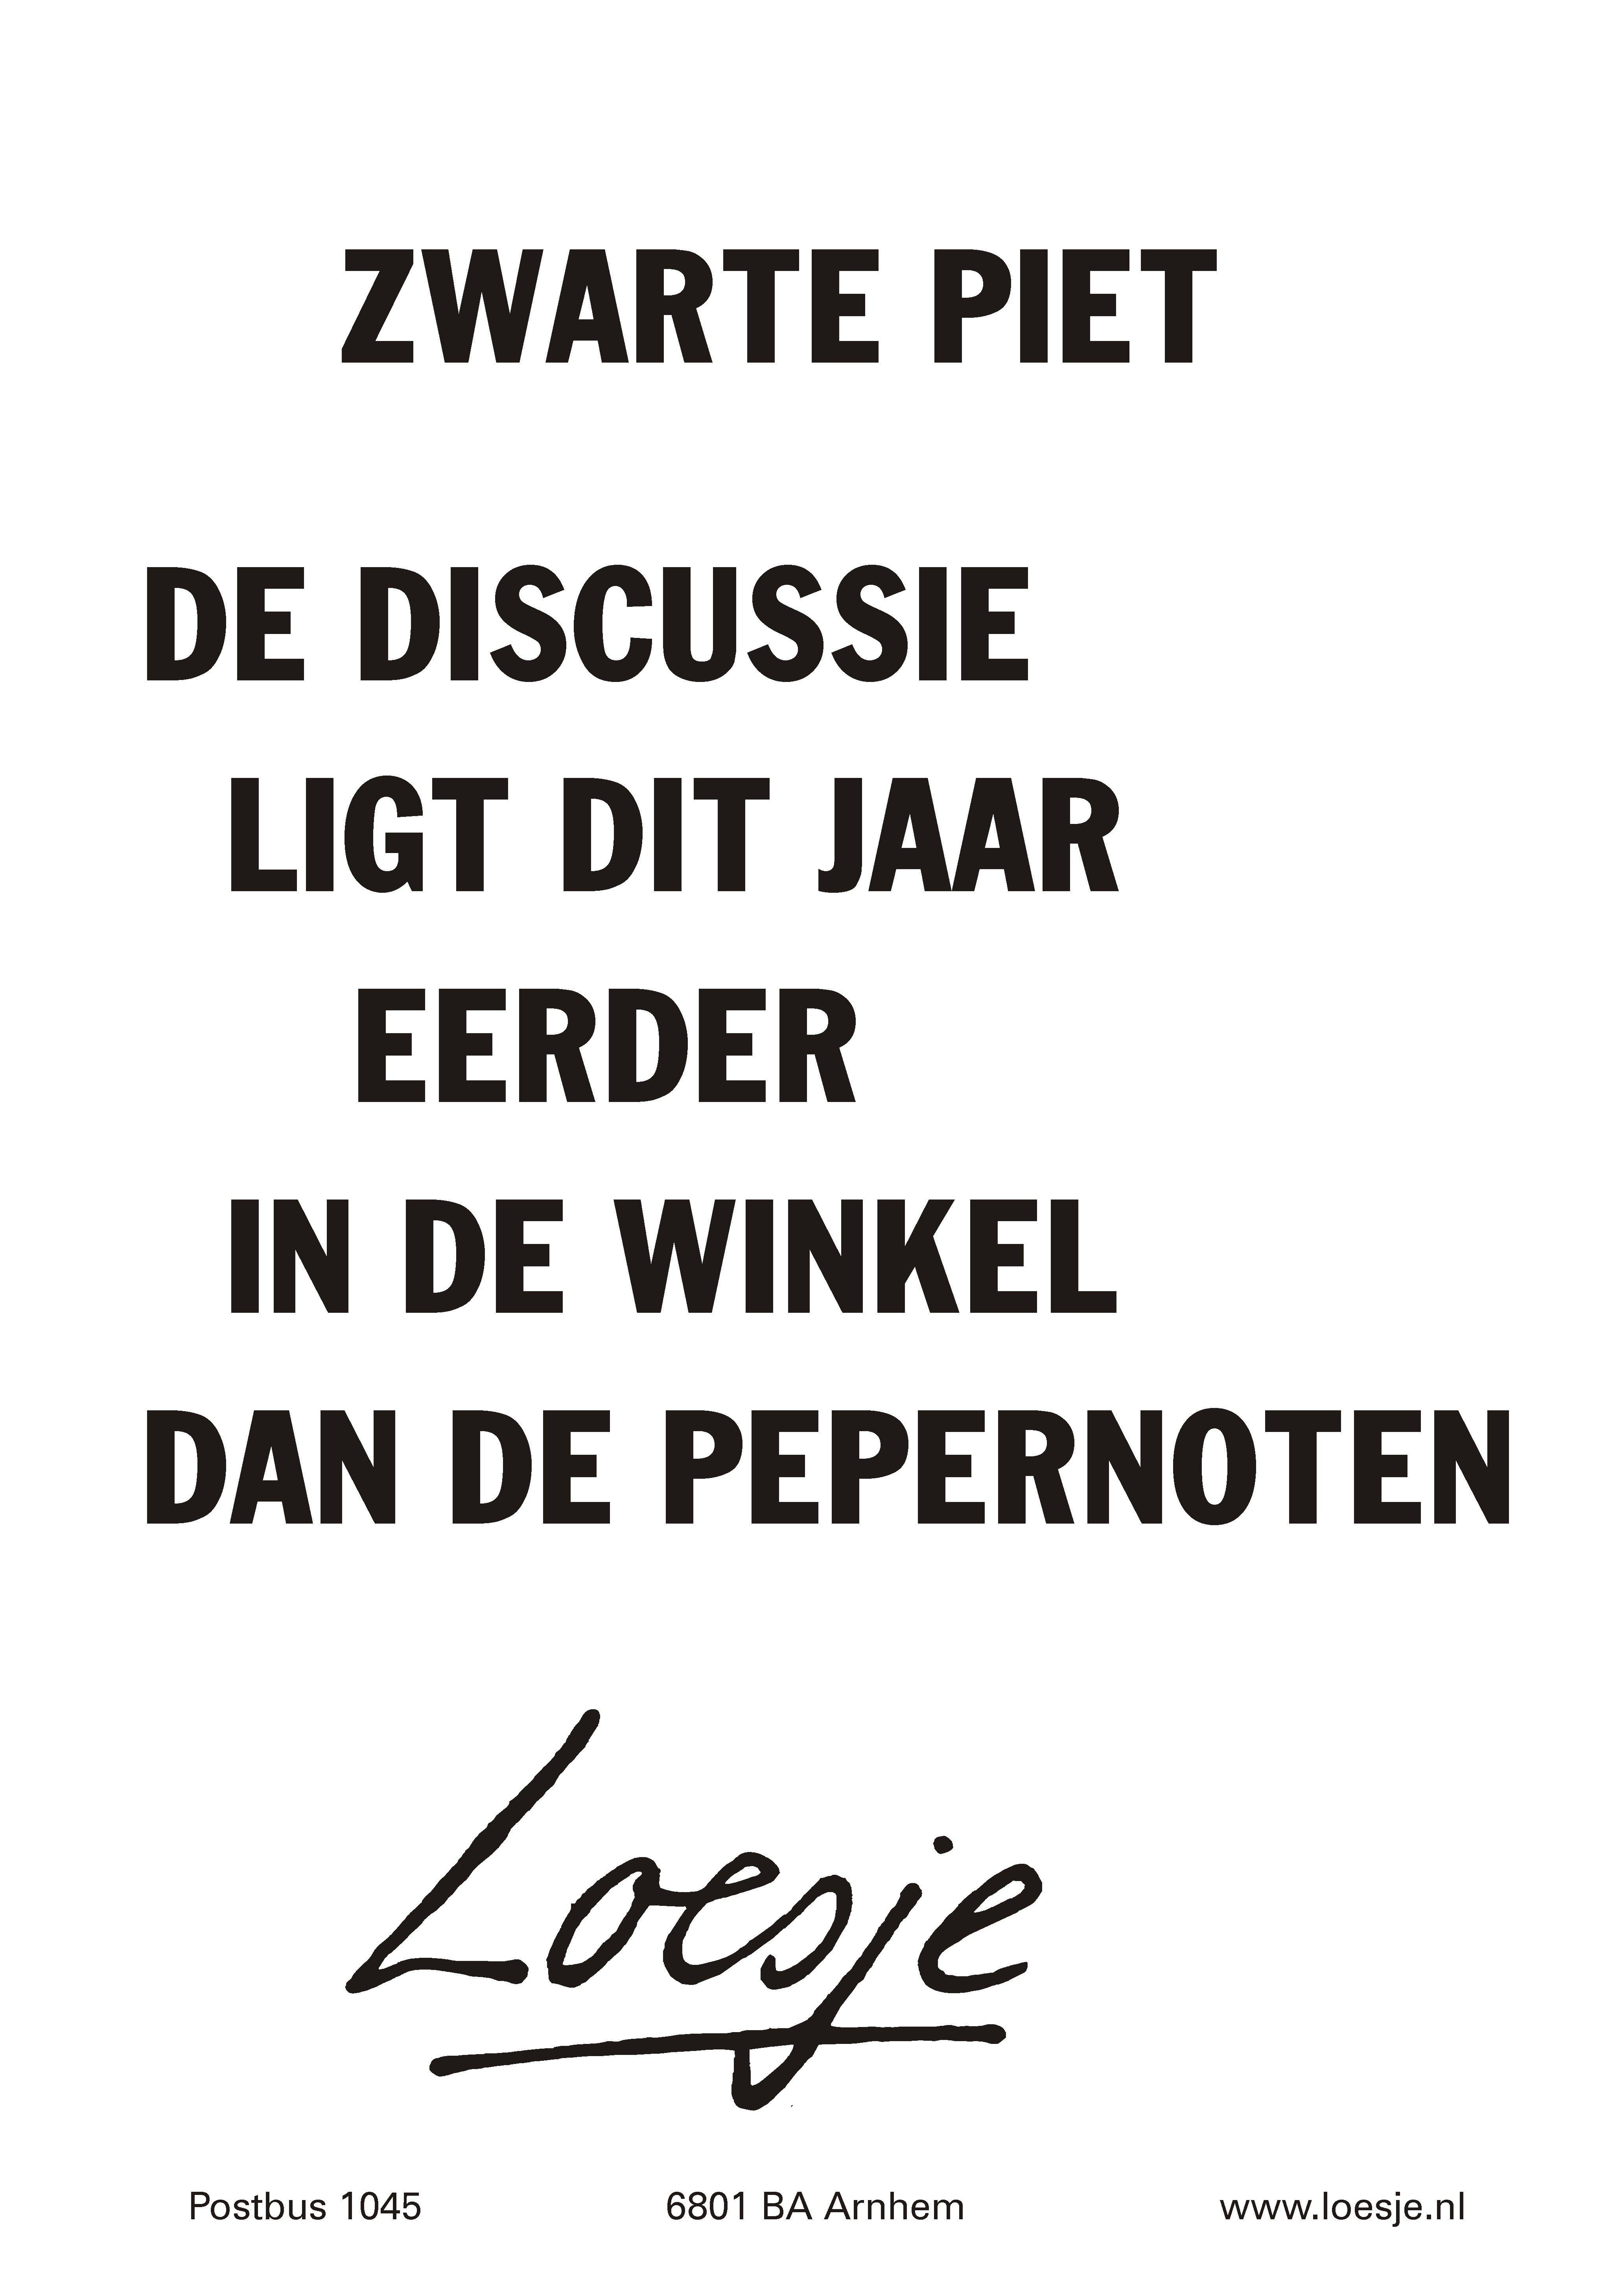 zwarte piet spreuken Pin van Luus Wagemakers op Loesje quotes   Zwarte piet, Spreuken  zwarte piet spreuken